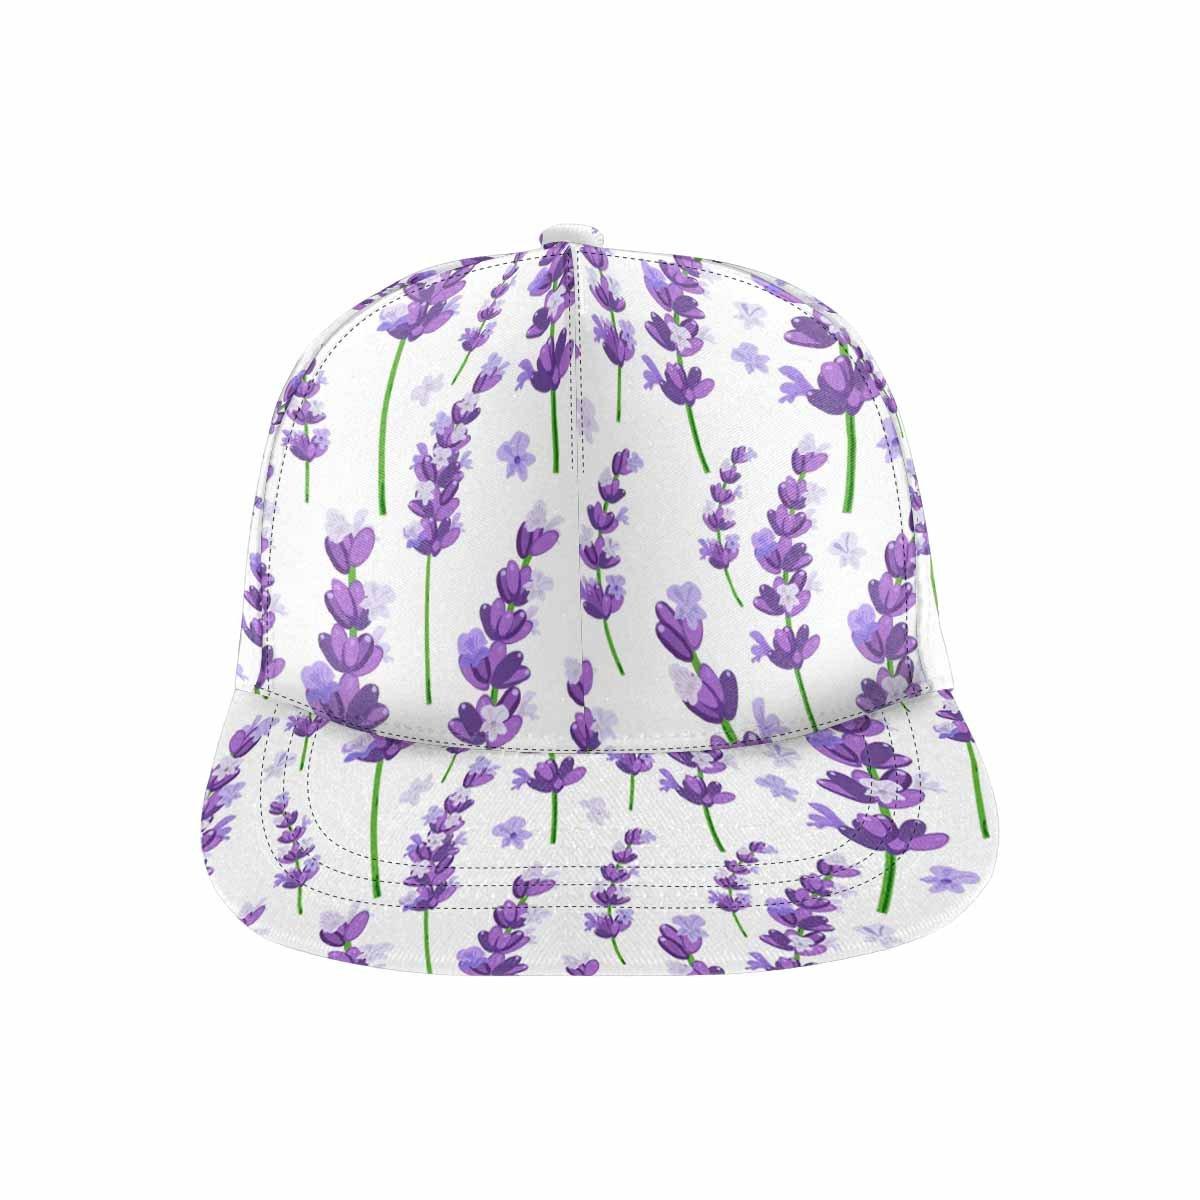 InterestPrint Provence Violet Lavender Flowers Adjustable Dad Hat Flat Bill Baseball Cap